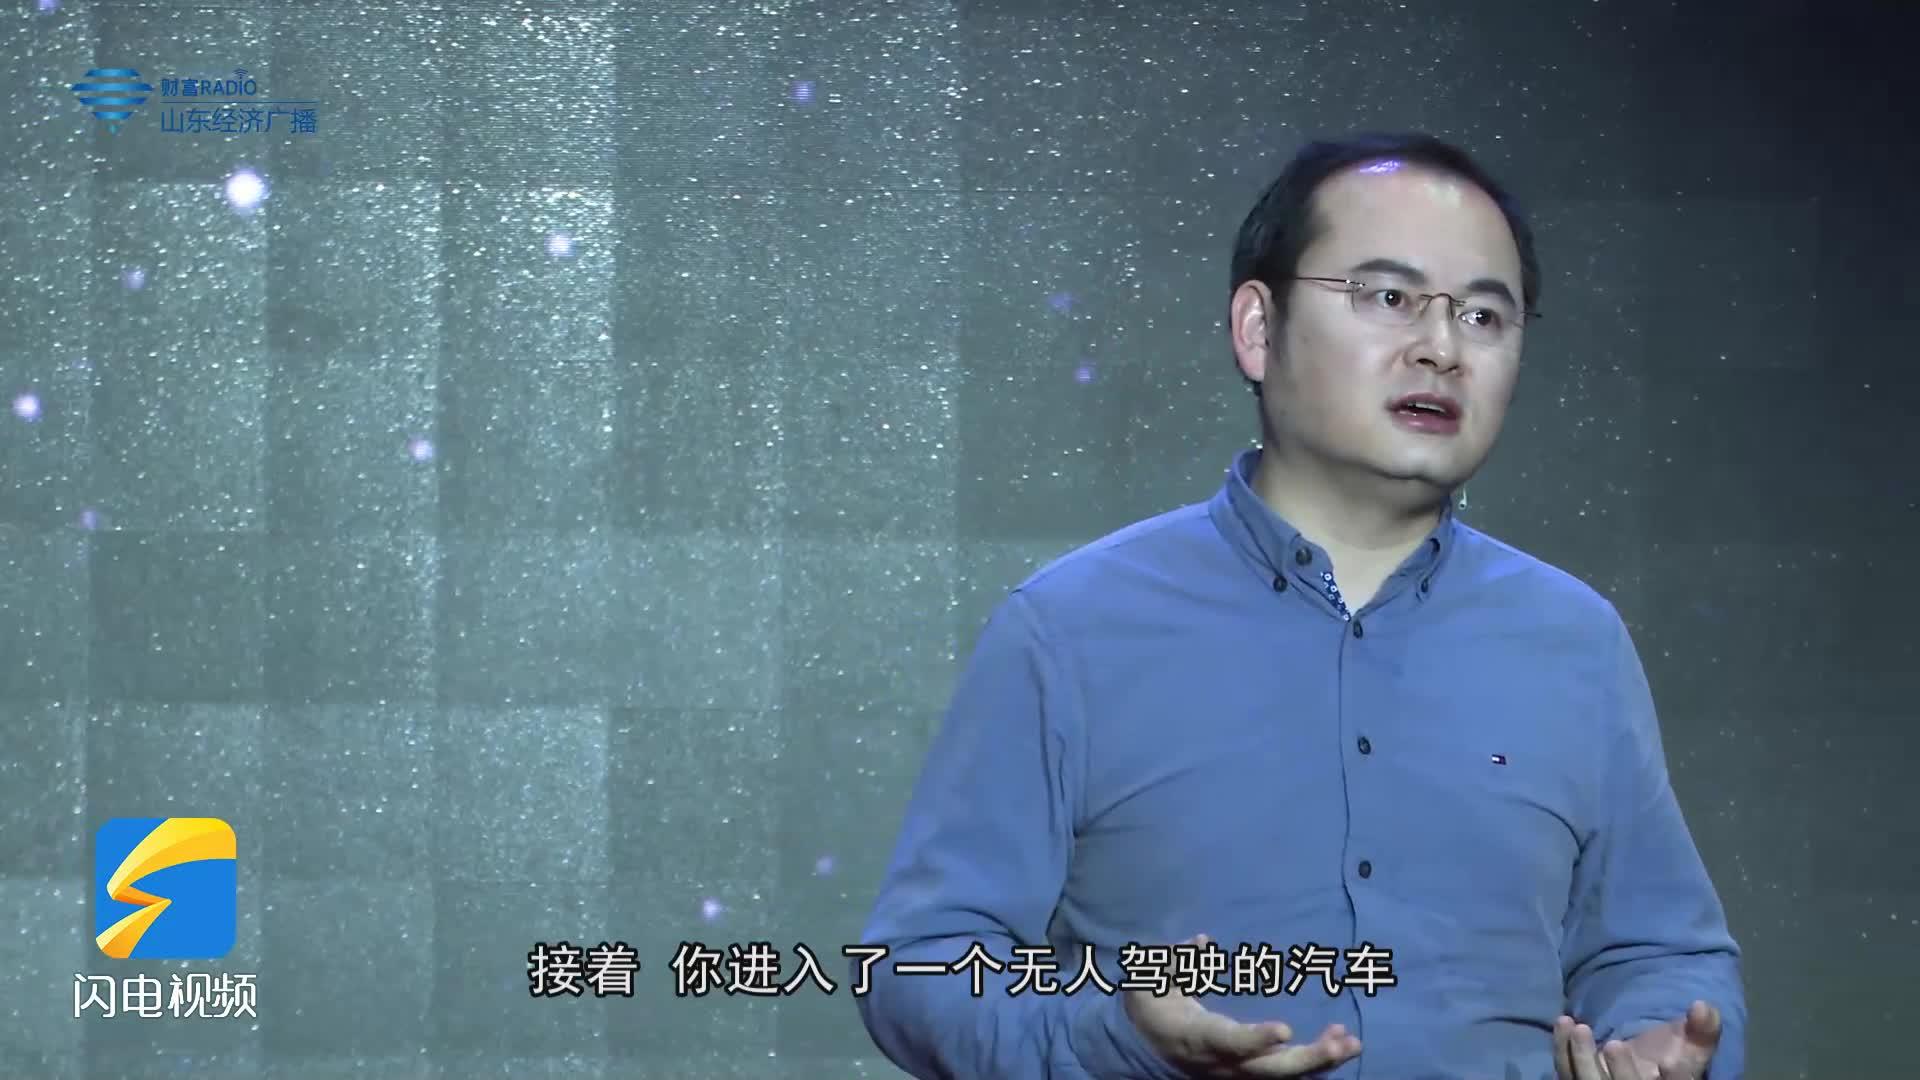 2021《新时代•青年说》周飞:量子技术能走进现实生活吗?